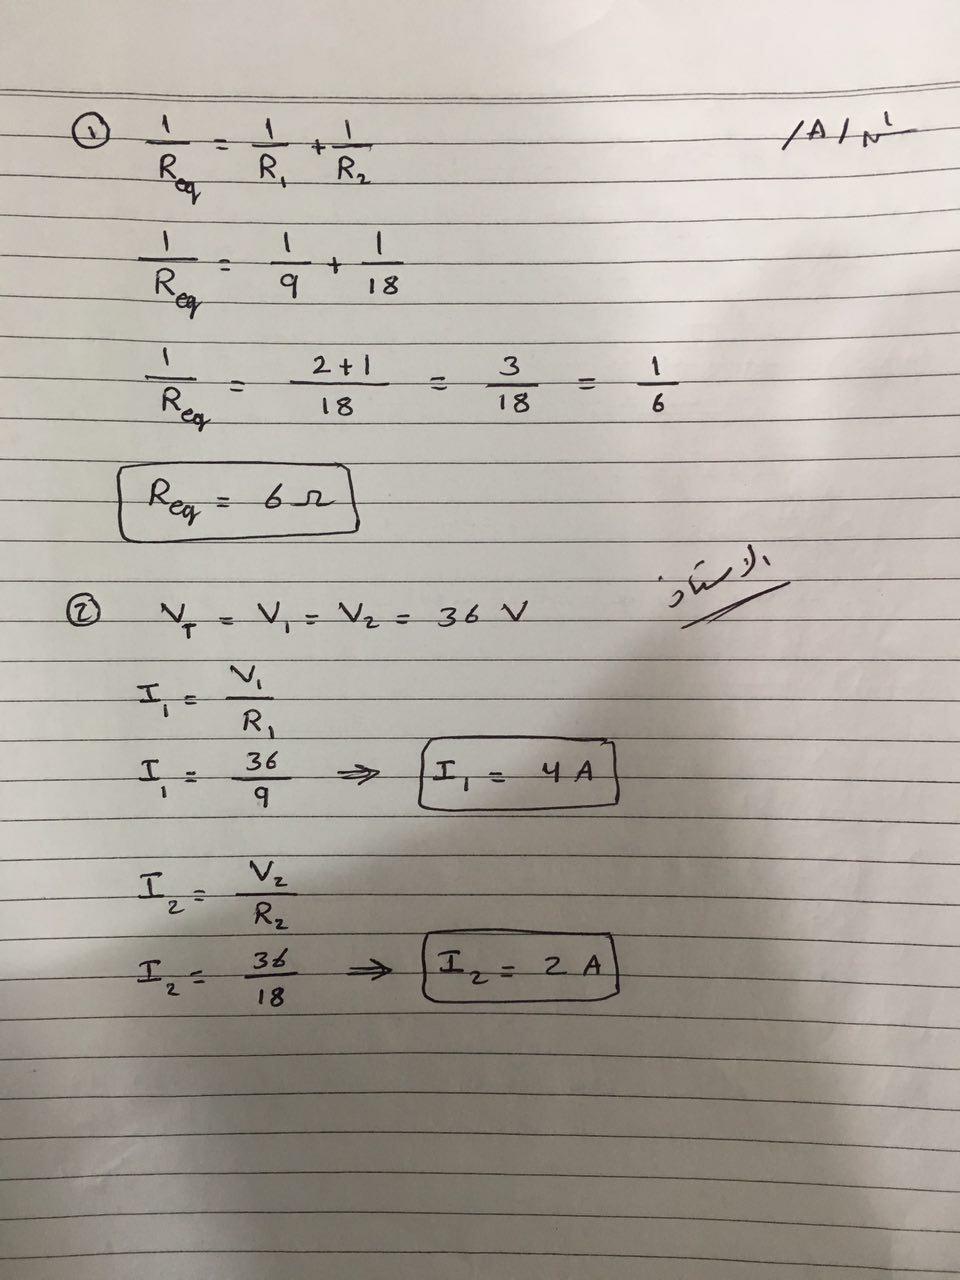 مهم اجوبة امتحان الفيزياء التمهيدي للثالث المتوسط 2017 IMG_20170211_095449